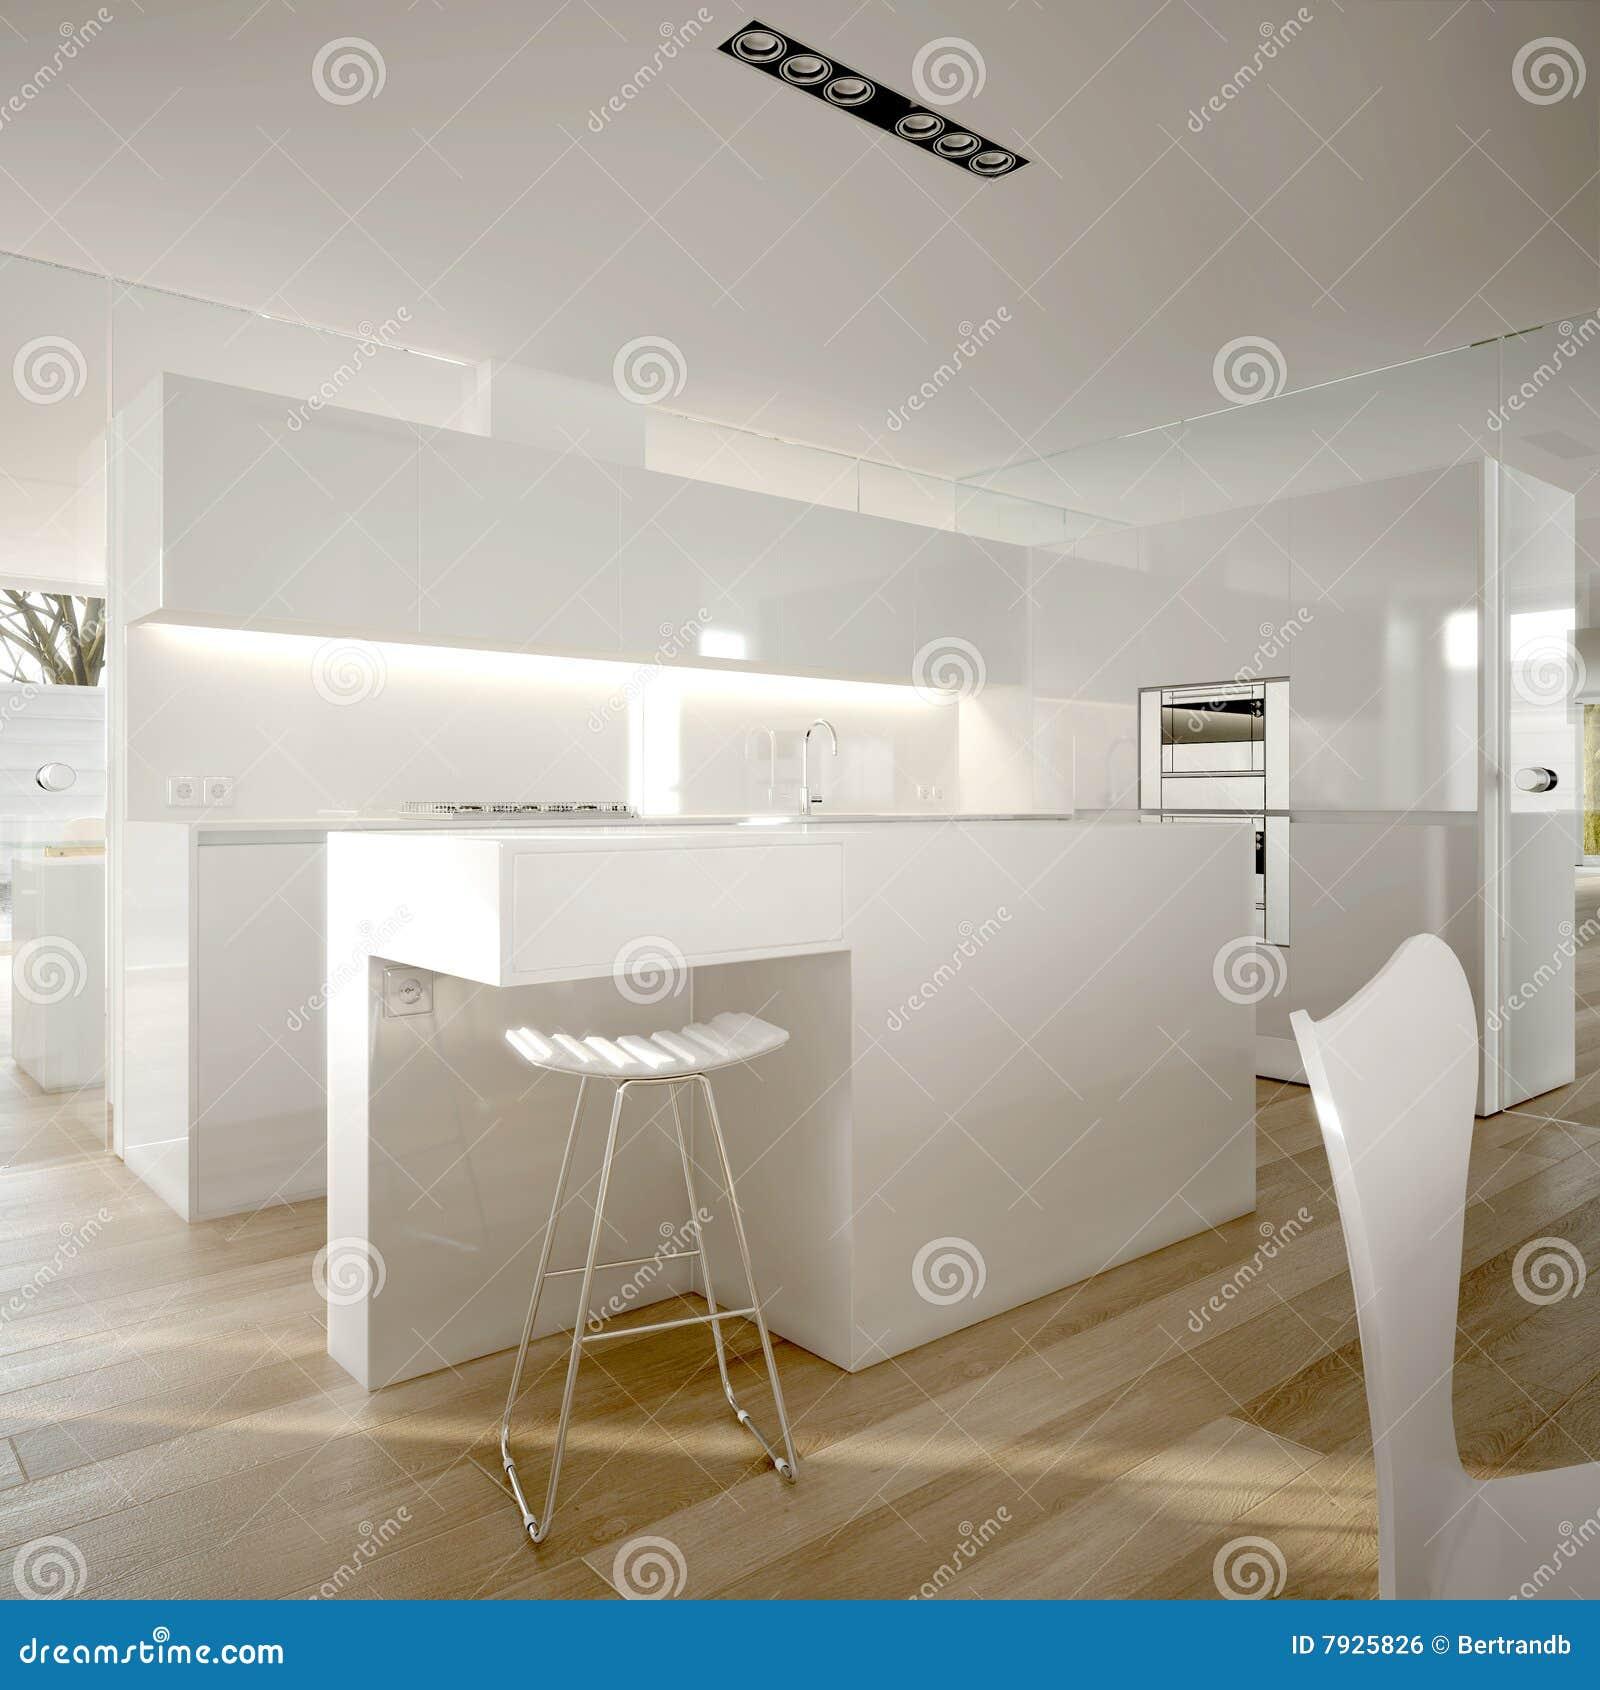 witte minimalistische moderne keuken royalty vrije stock afbeelding afbeelding 7925826. Black Bedroom Furniture Sets. Home Design Ideas